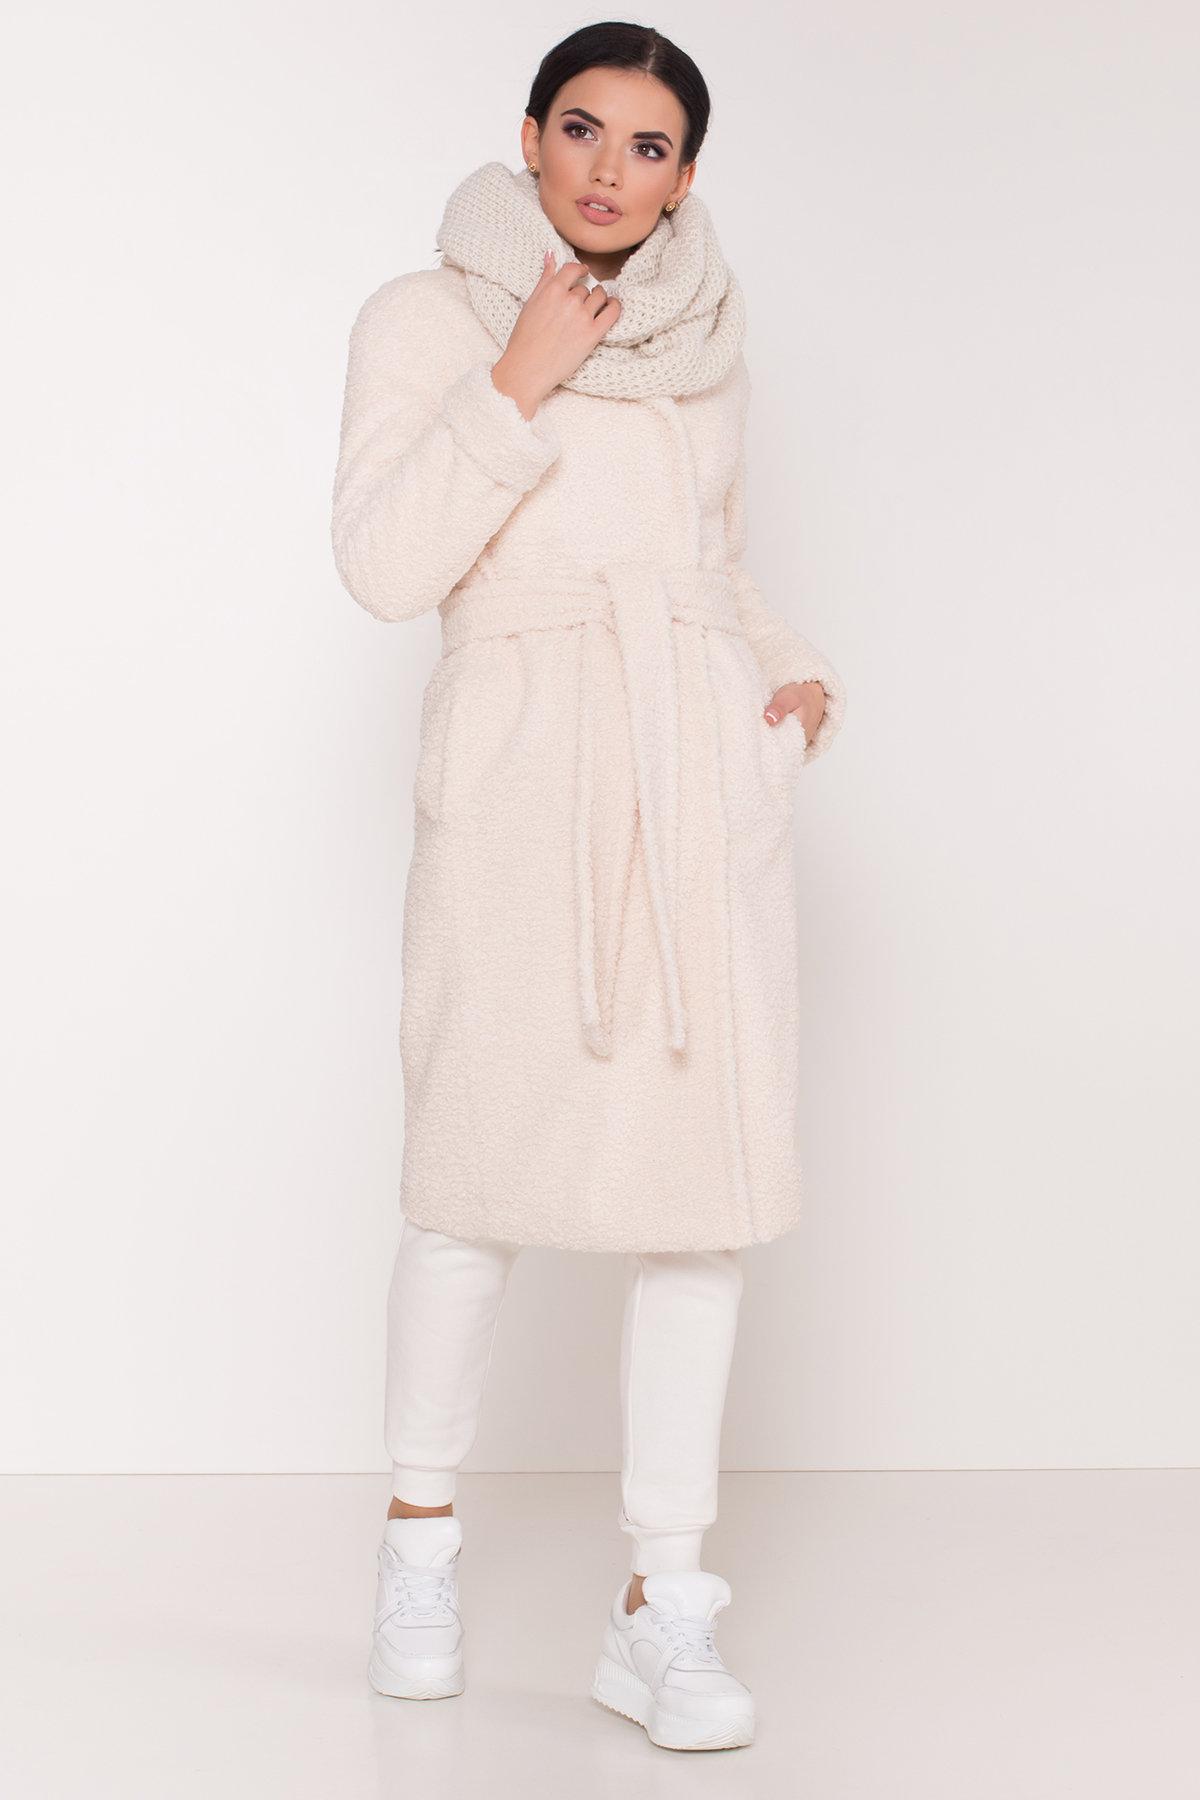 Пальто из эко меха Приора 8564 АРТ. 44887 Цвет: Молоко - фото 6, интернет магазин tm-modus.ru